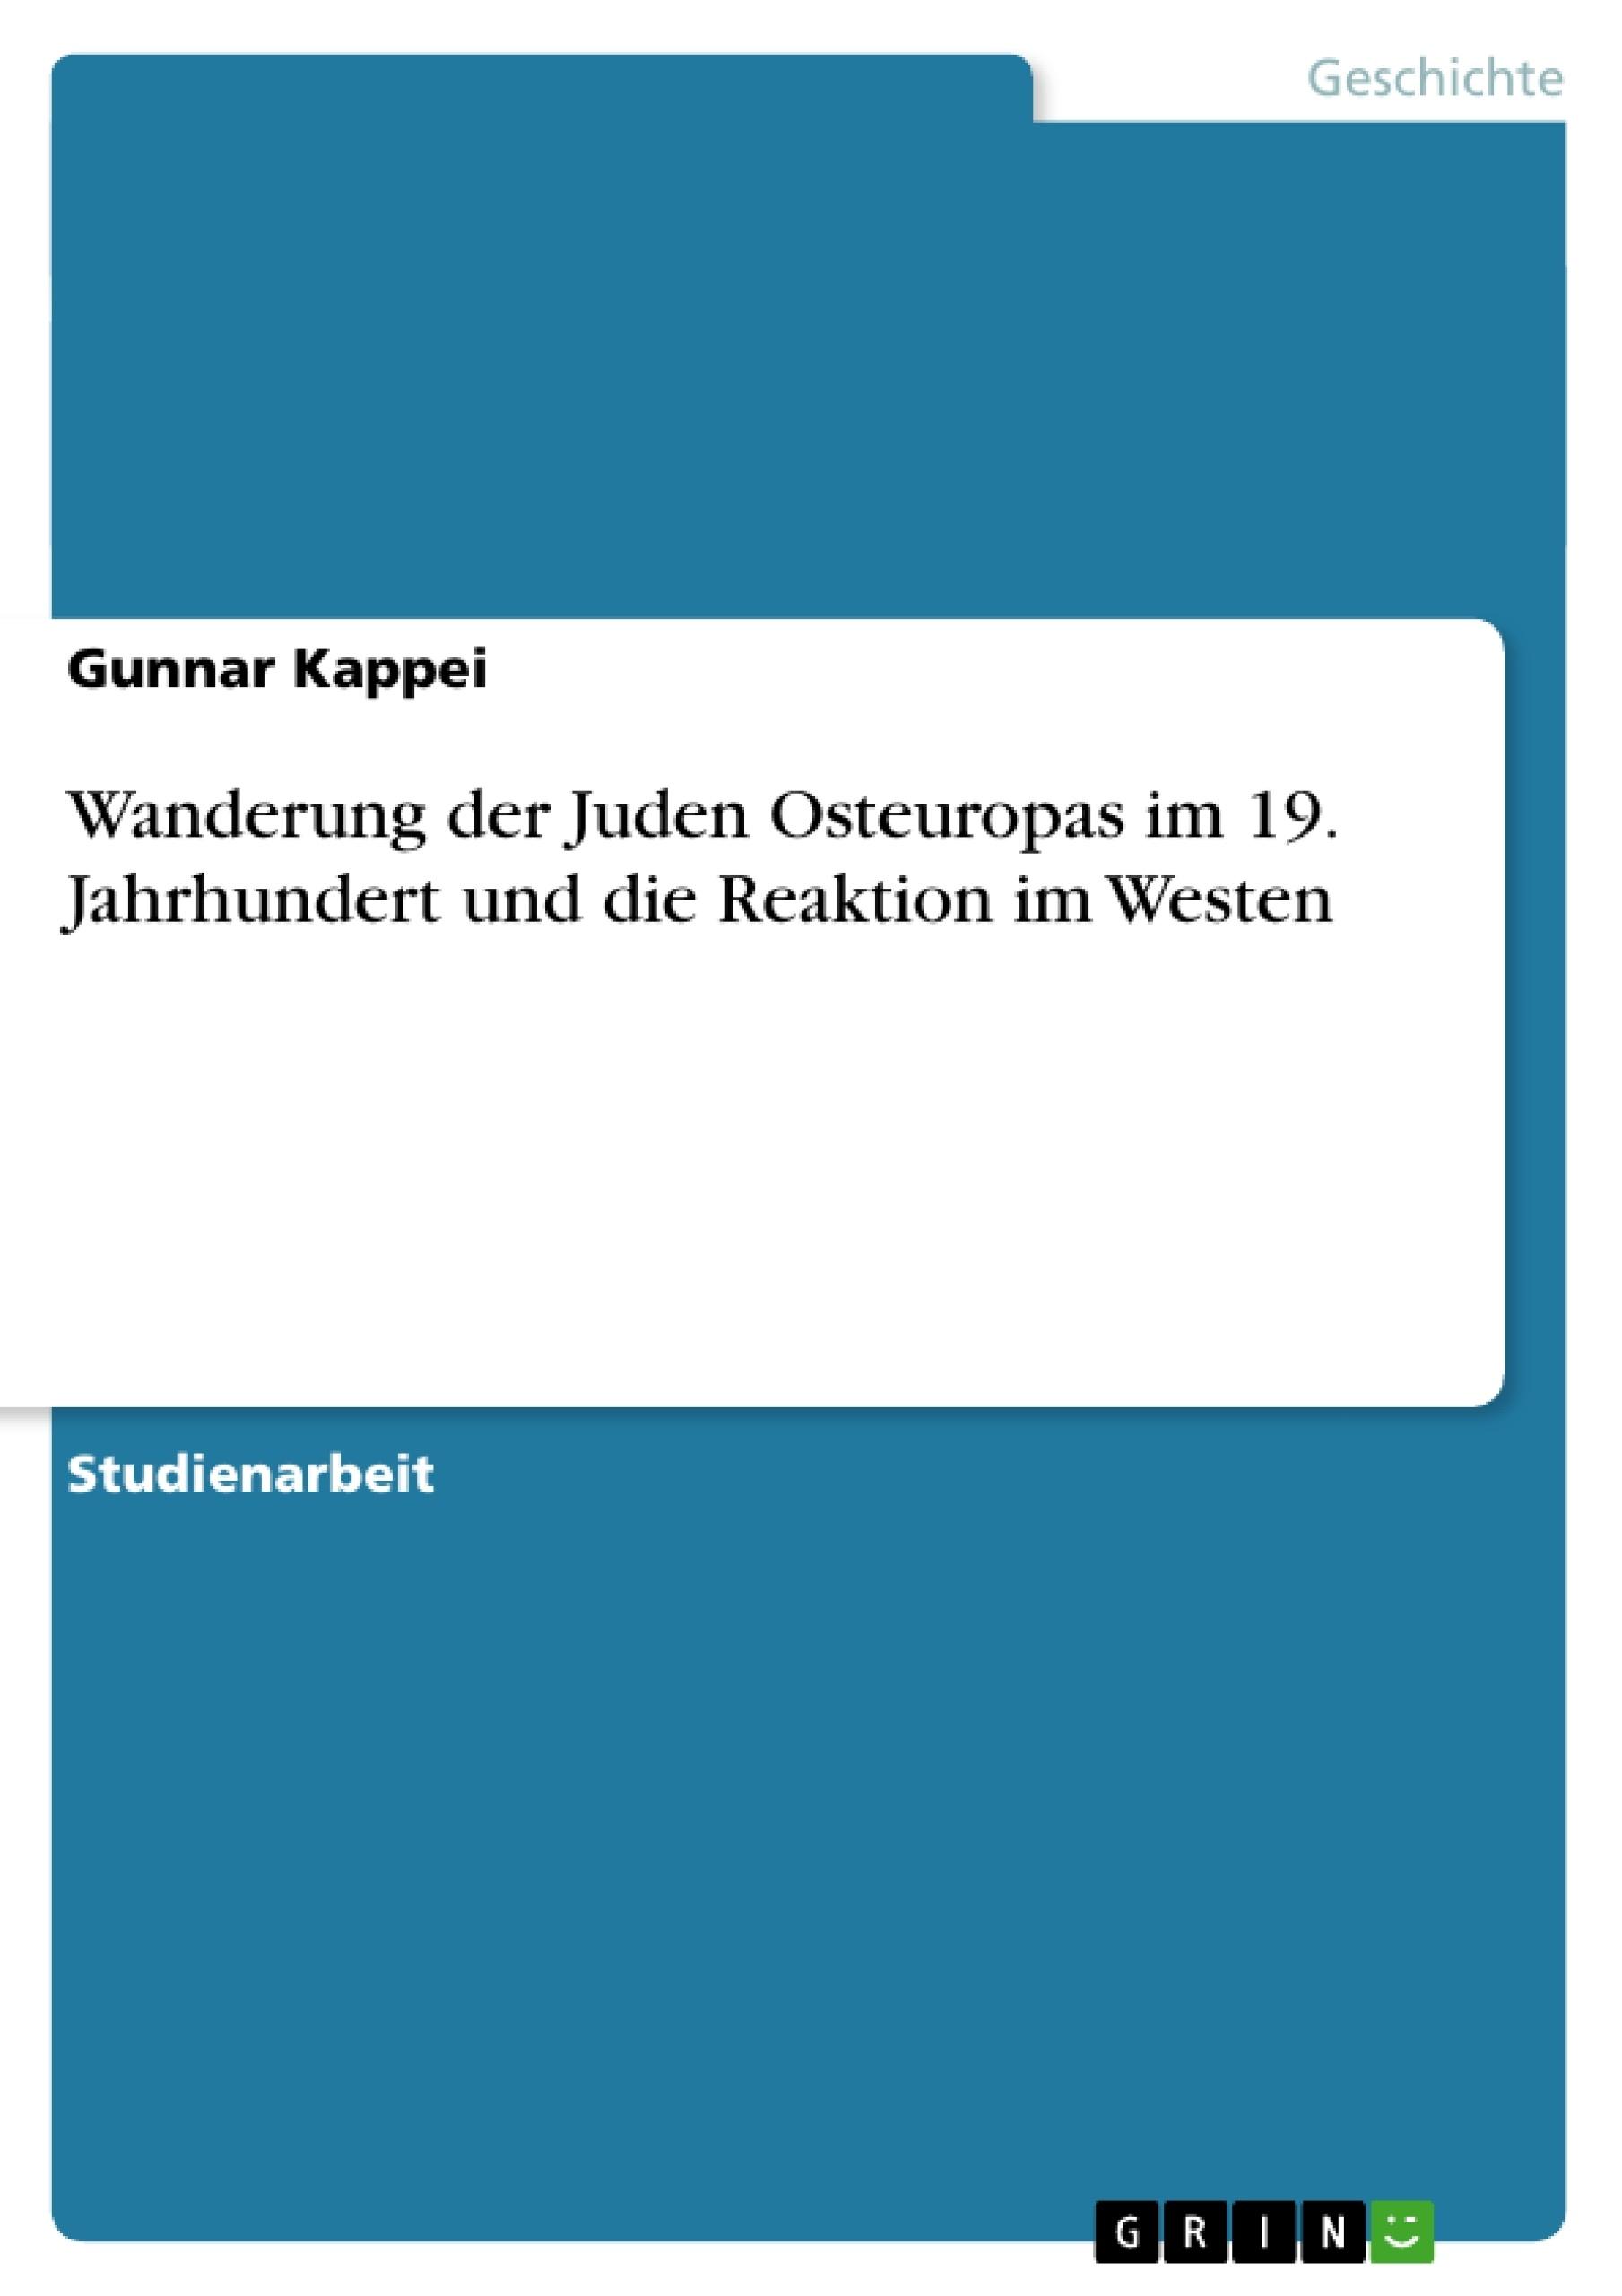 Titel: Wanderung der Juden Osteuropas im 19. Jahrhundert und die Reaktion im Westen